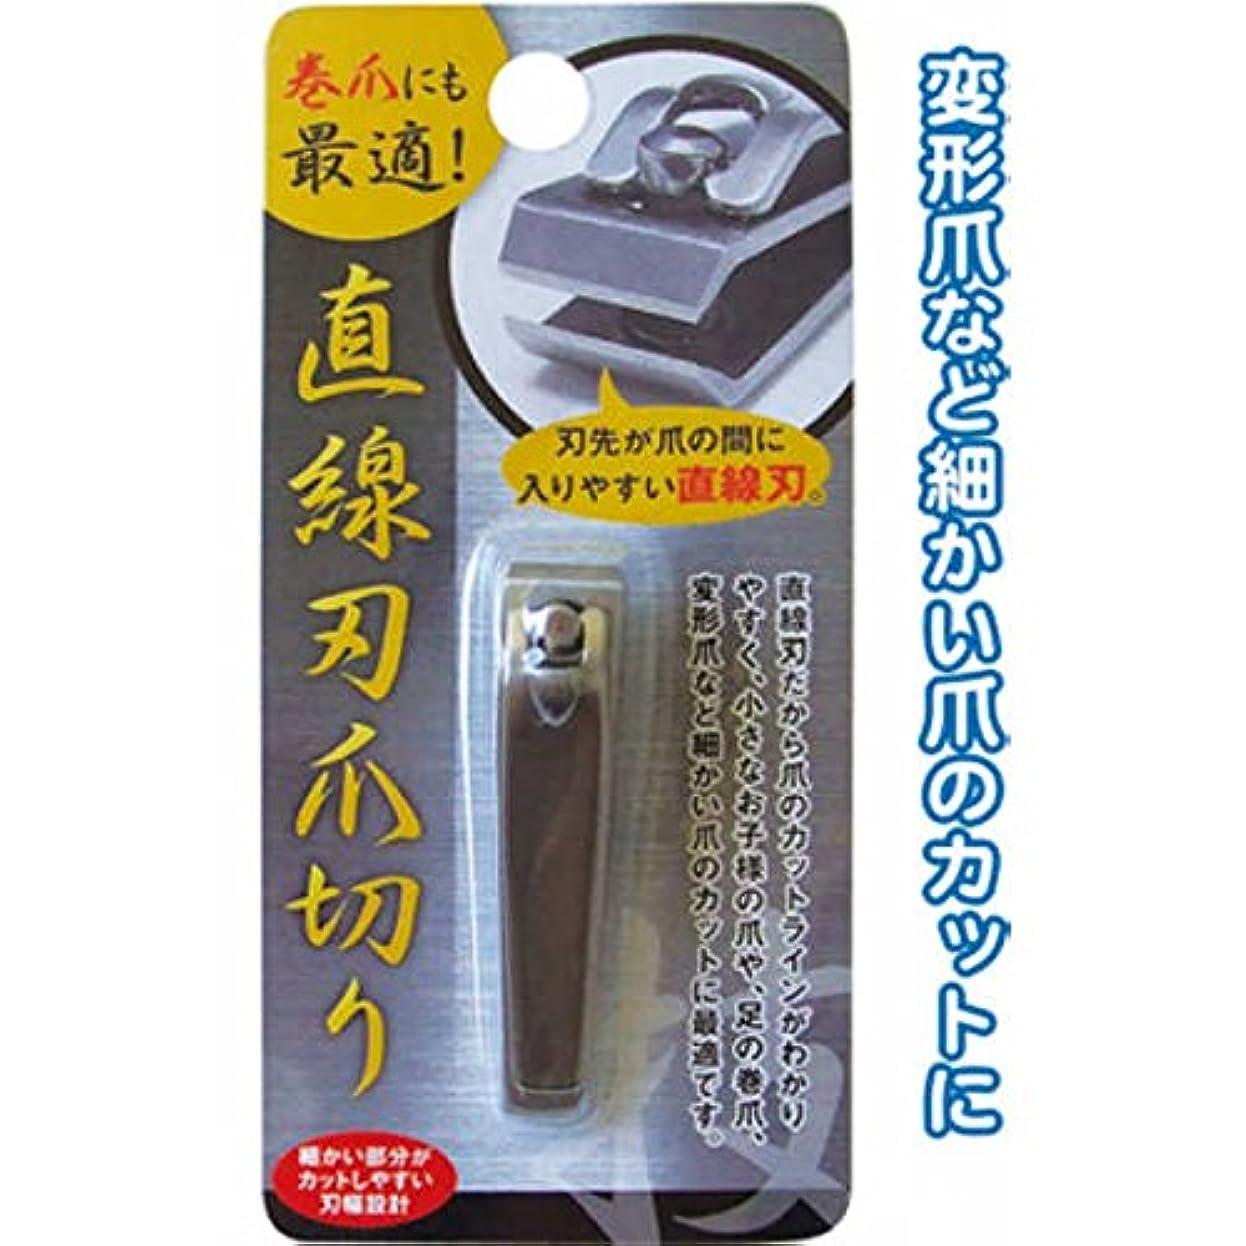 些細抑圧者コーナー巻爪にも最適!直線刃ステンレス爪切り 【まとめ買い12個セット】 18-601